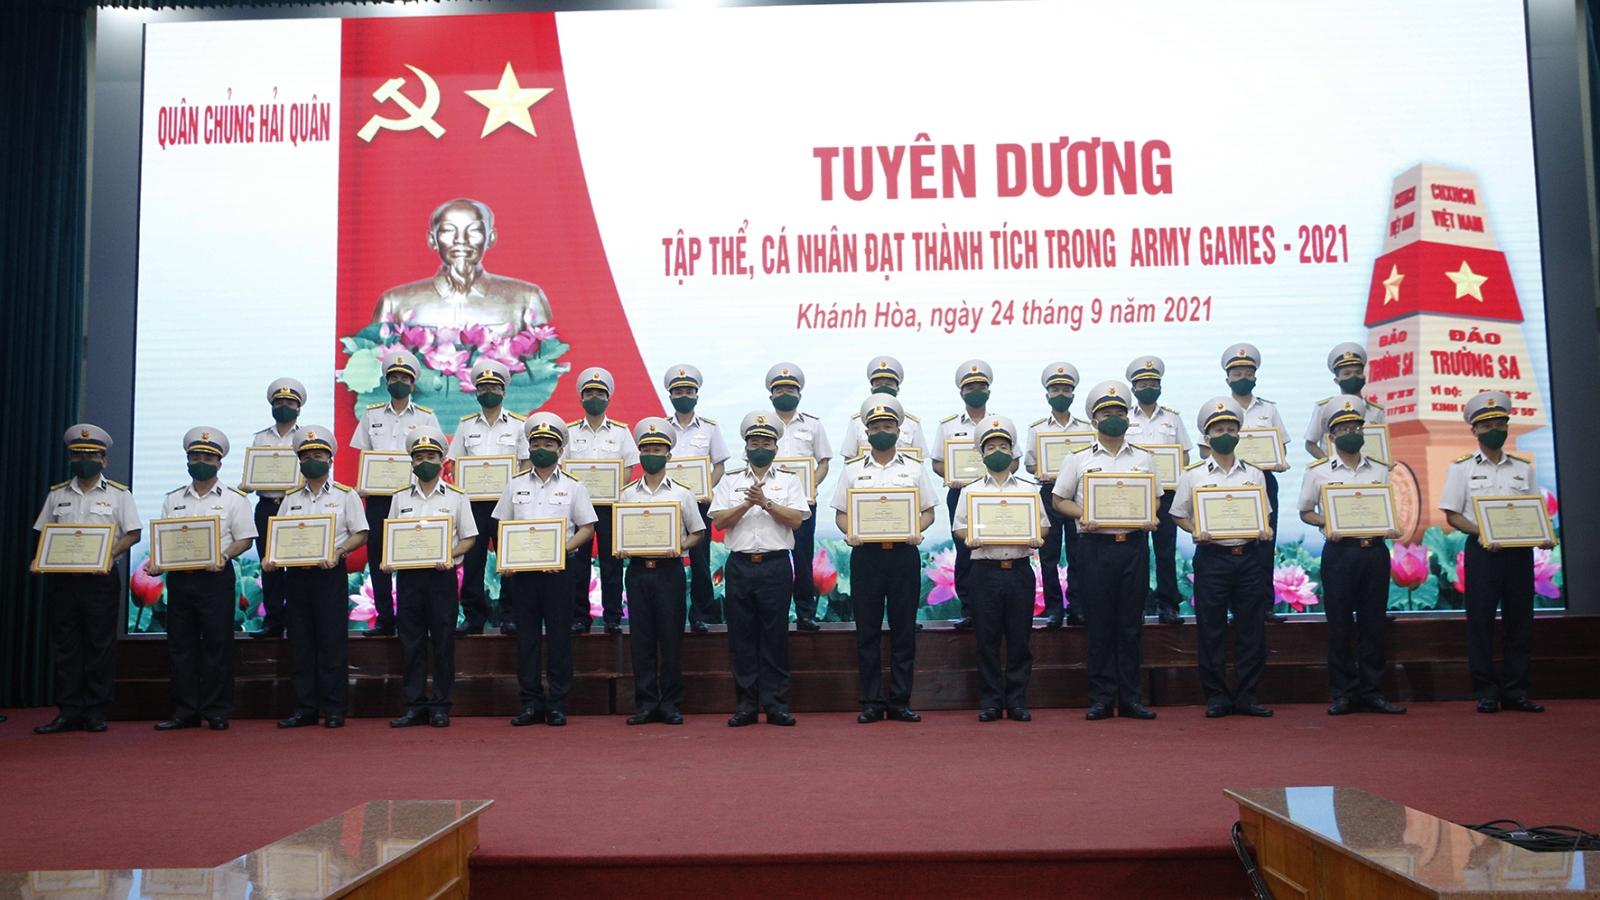 Thành tích ở Army games 2021 khẳng định khả năng làm chủ vũ khí của Hải quân Việt Nam